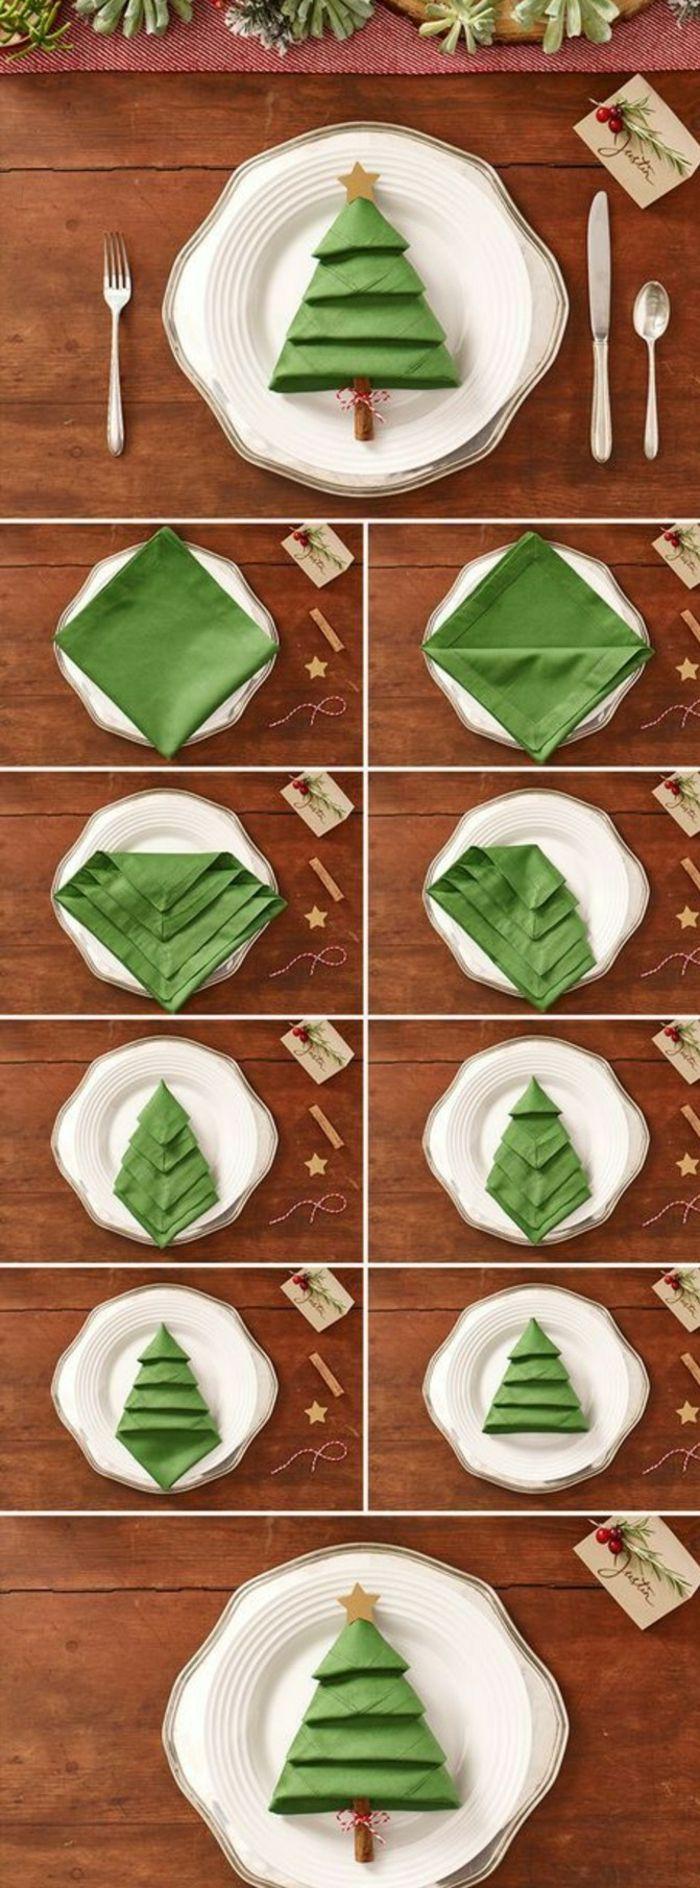 Centre De Table Noel Pliage Serviette Verte En Forme Sapin Dans Une  Assiette Comment Disposer Les